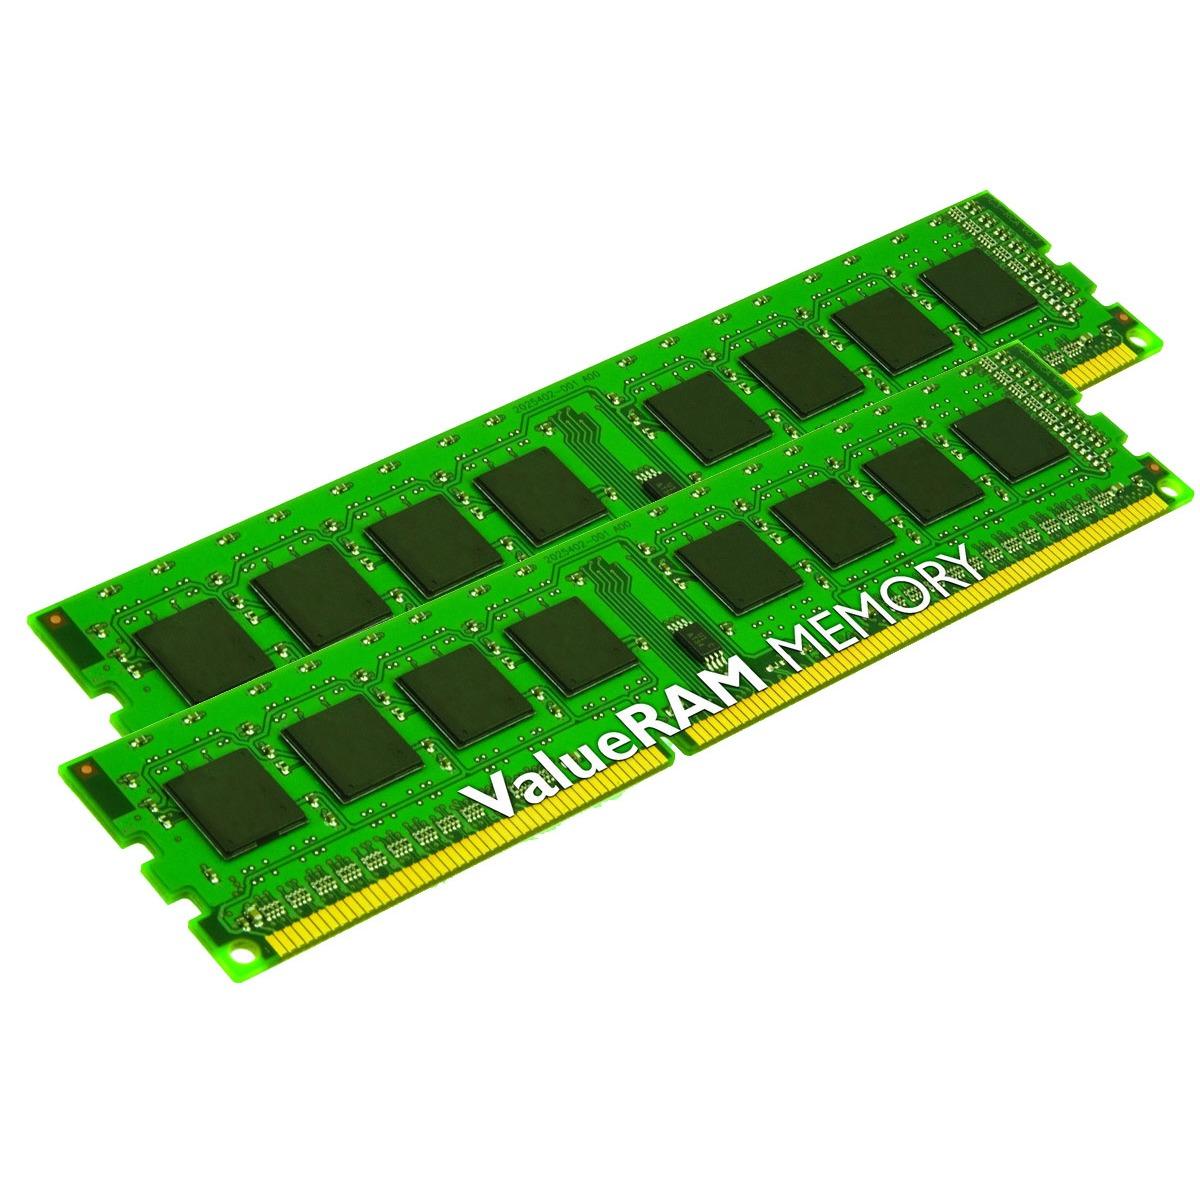 Mémoire PC Kingston ValueRAM 8 Go (2x 4Go) DDR3 1333 MHz Kingston ValueRAM 8 Go (kit 2x 4 Go) DDR3-SDRAM PC10600 CL9 - KVR1333D3N9K2/8G (garantie 10 ans par Kingston)